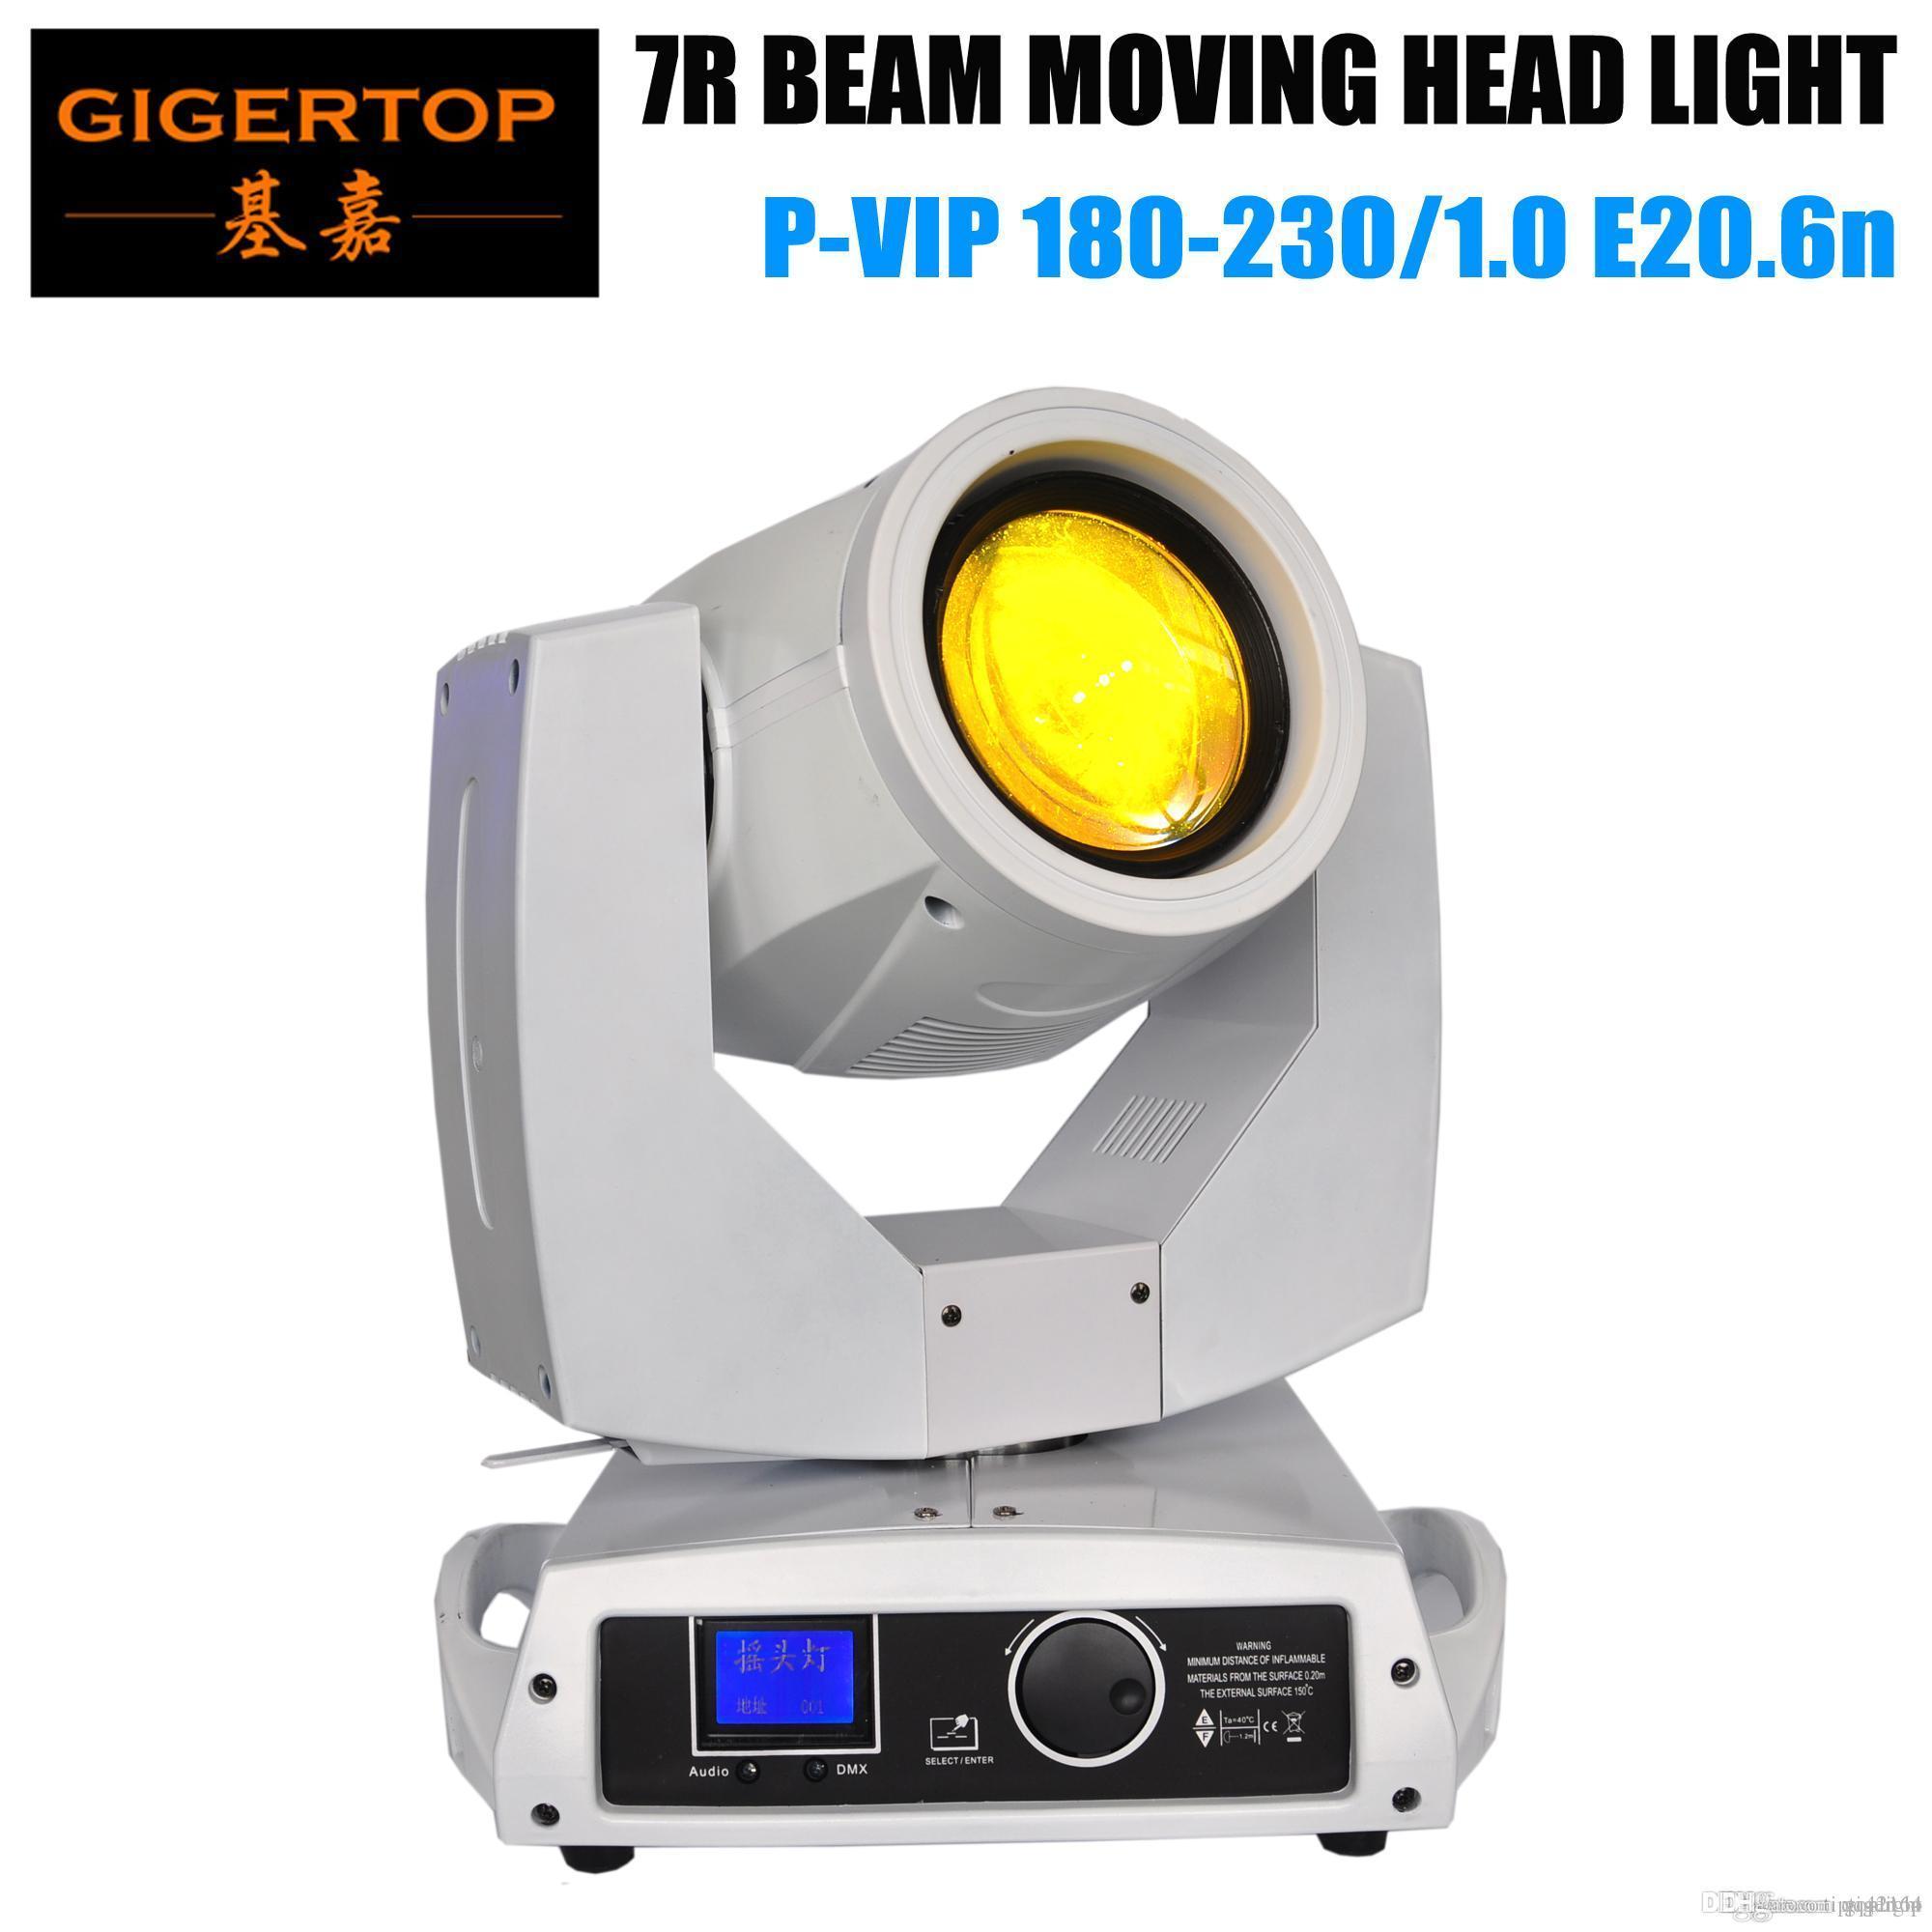 TIPTOP TP-7R Bühne bewegen Osram 230w Sharpy 7R Moving Head Beam Licht Sharpy Strahl 16 Prisma weiß Fall Glas Farbe / Goborad Dimmer glätten